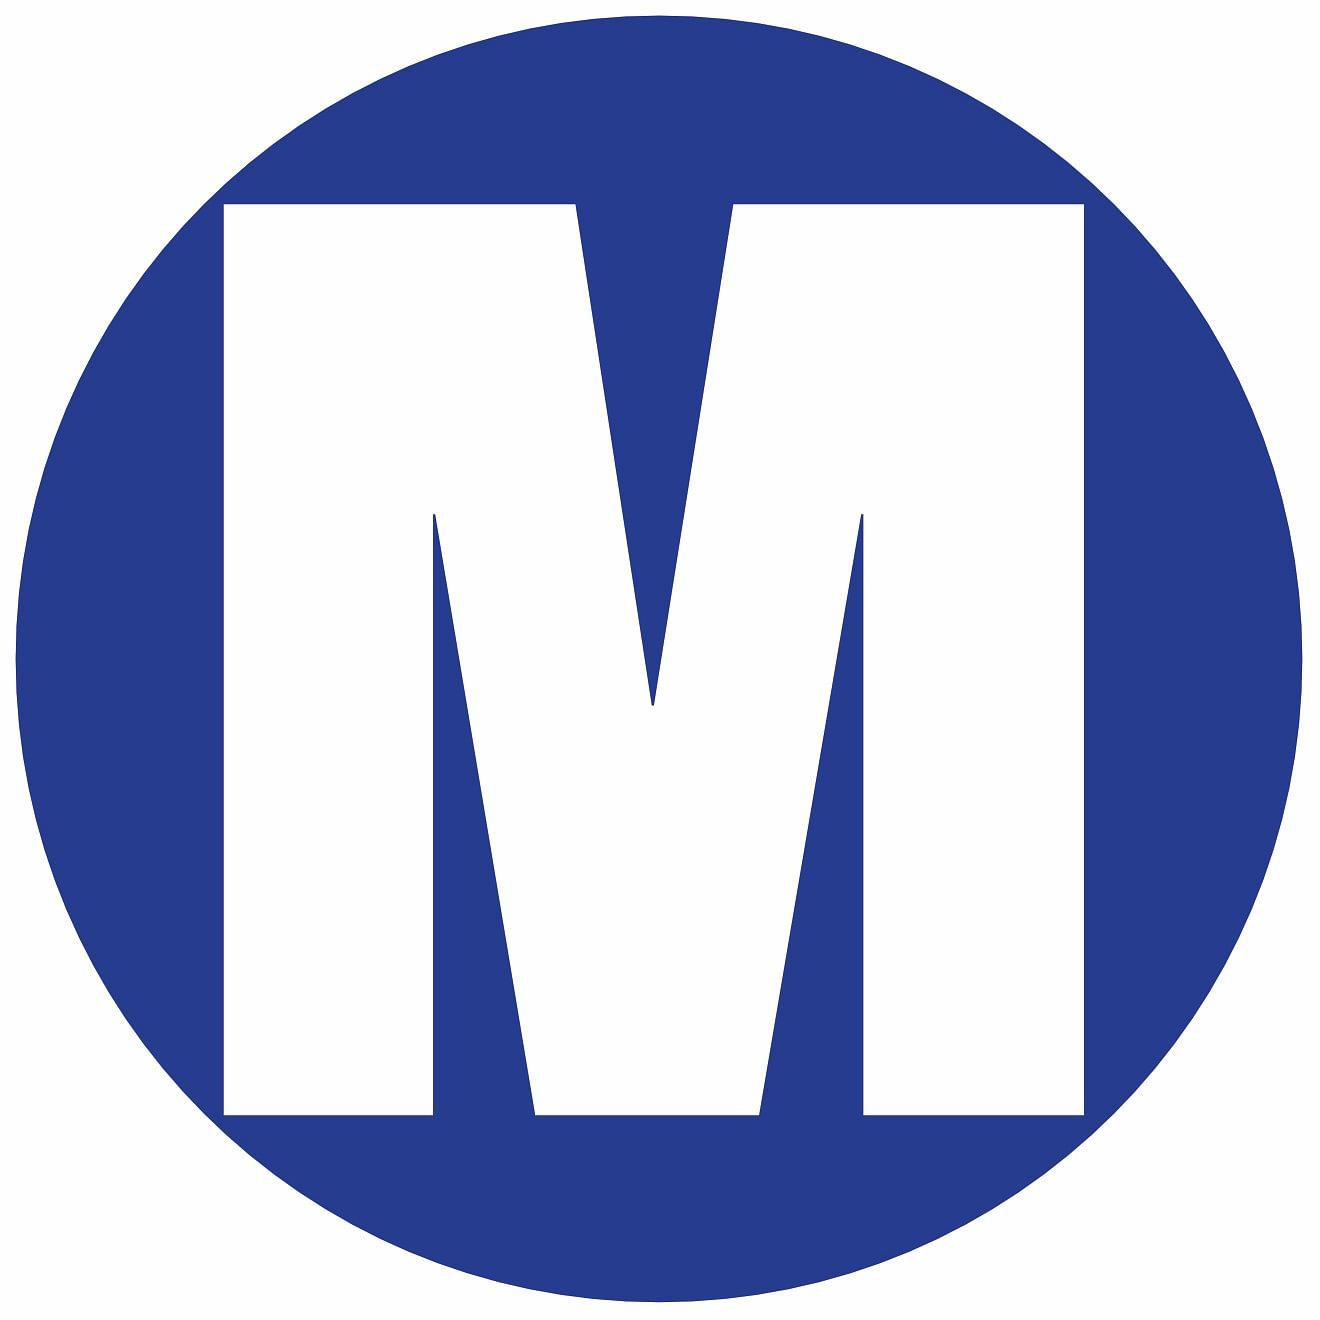 Müller Metallbau GmbH